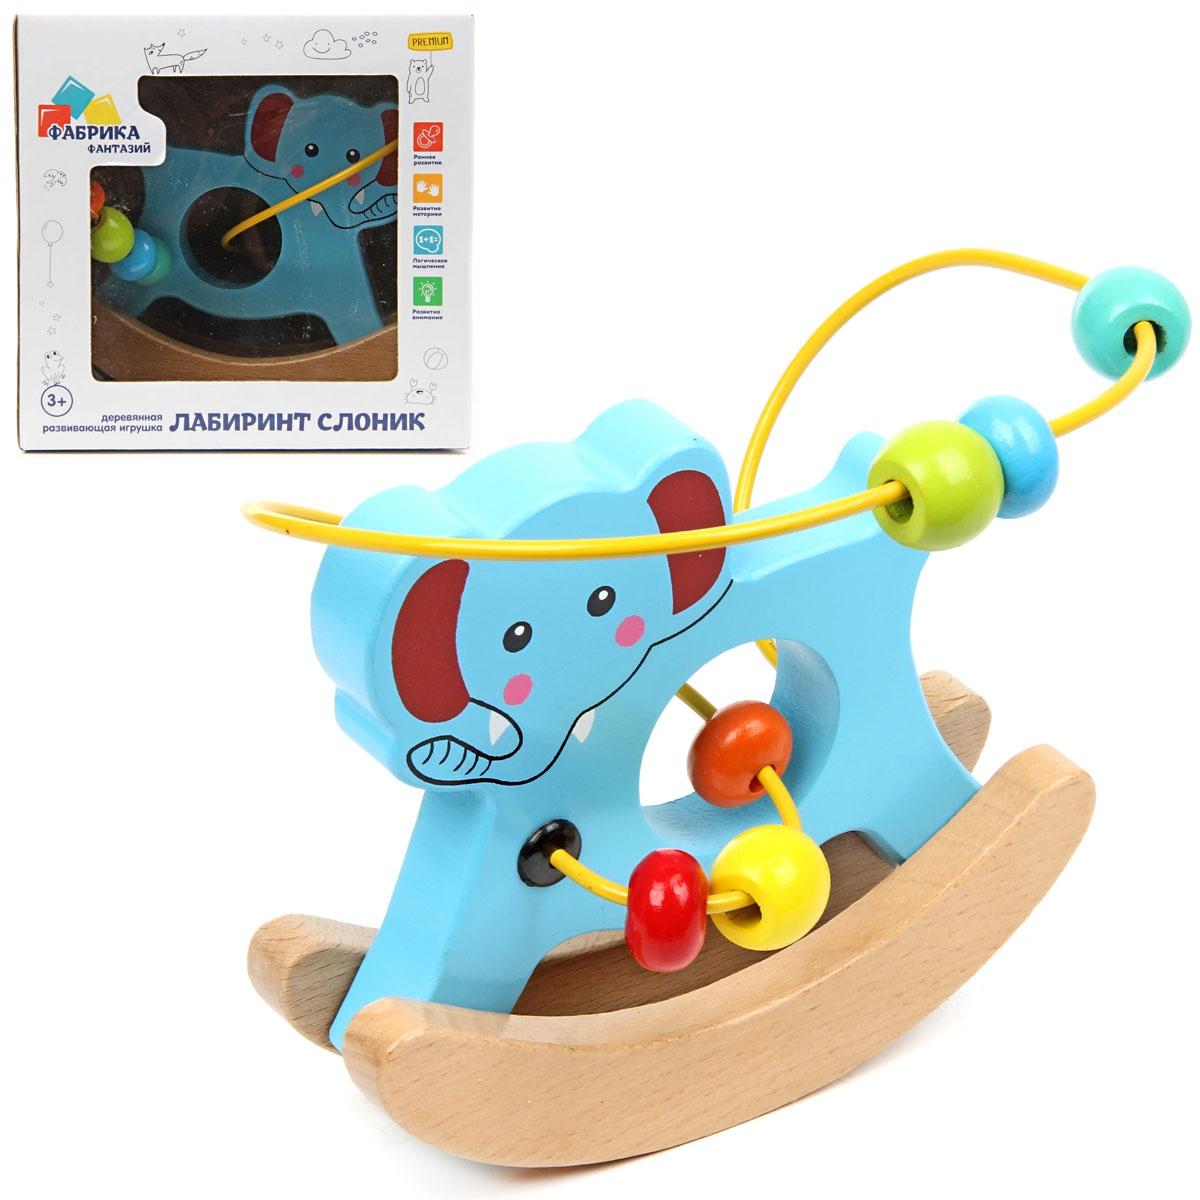 Развивающая игрушка Фабрика Фантазий 70030, 70030 цена